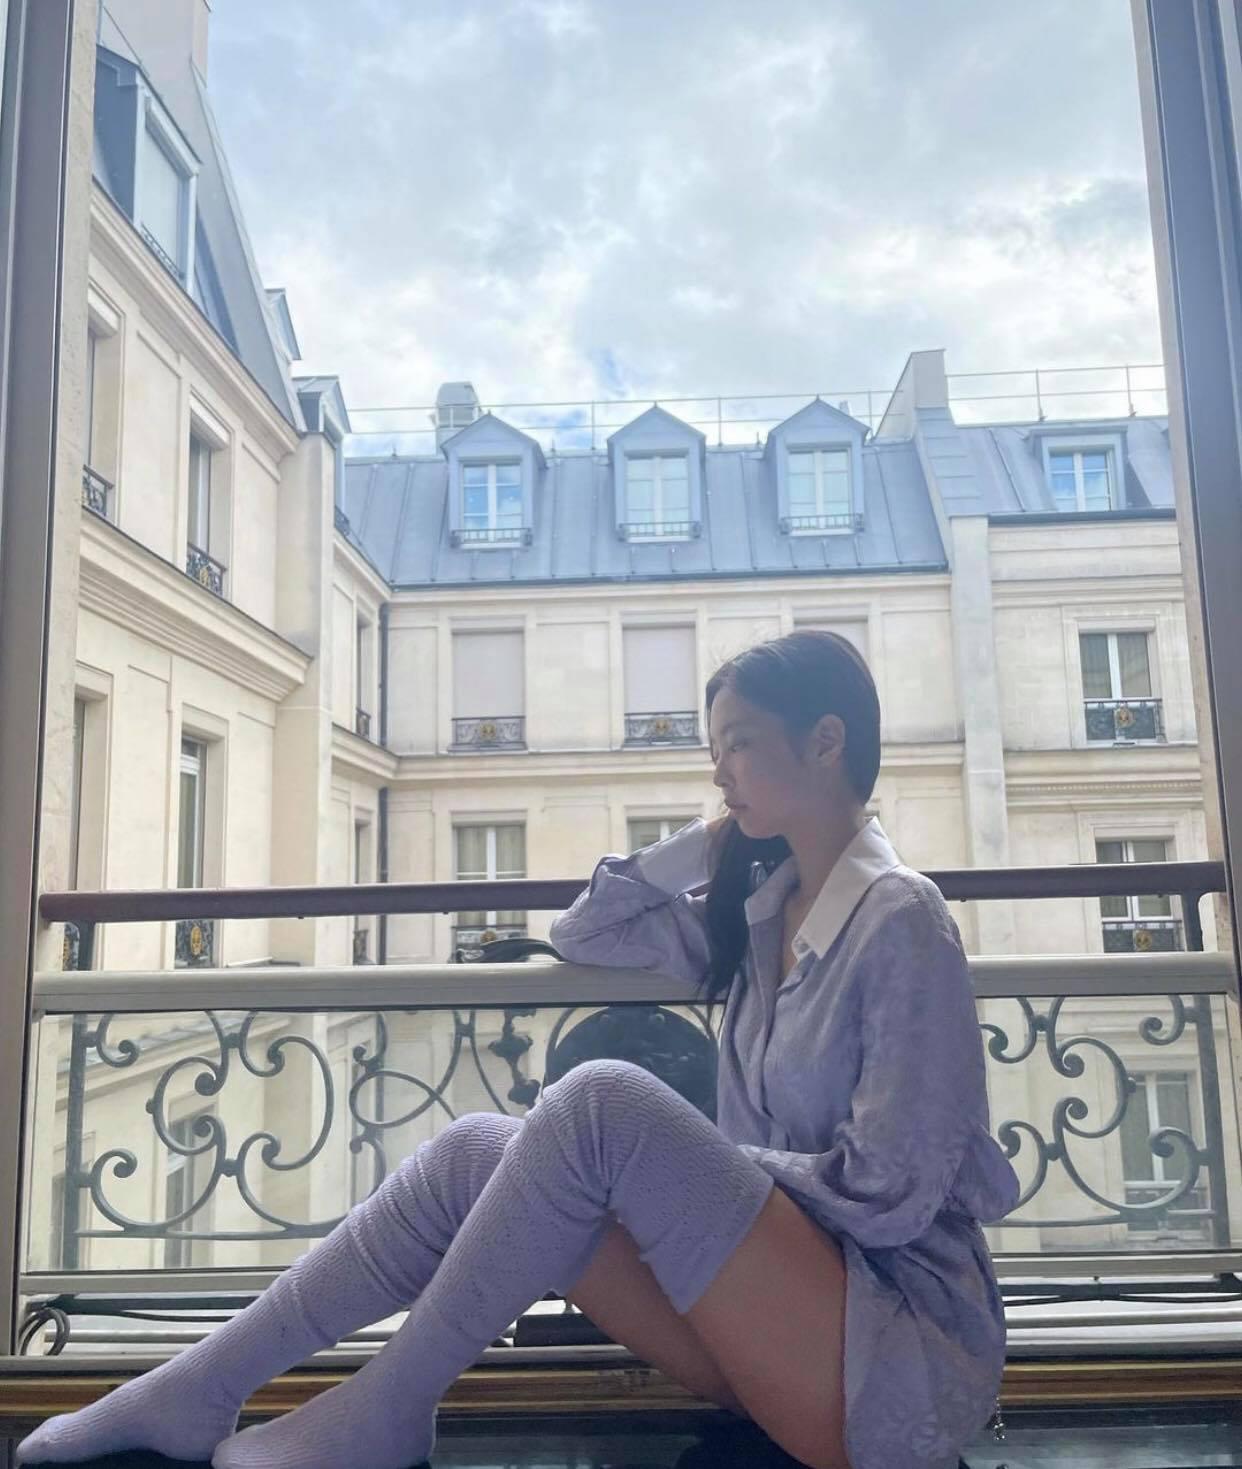 Đến Paris là Jennie xõa hết cỡ, hở bạo kiểu… gây lú: Hết khoe ảnh giấu quần hiểm hóc, giờ lại đến như mặc độc áo lót đi chơi - Ảnh 5.